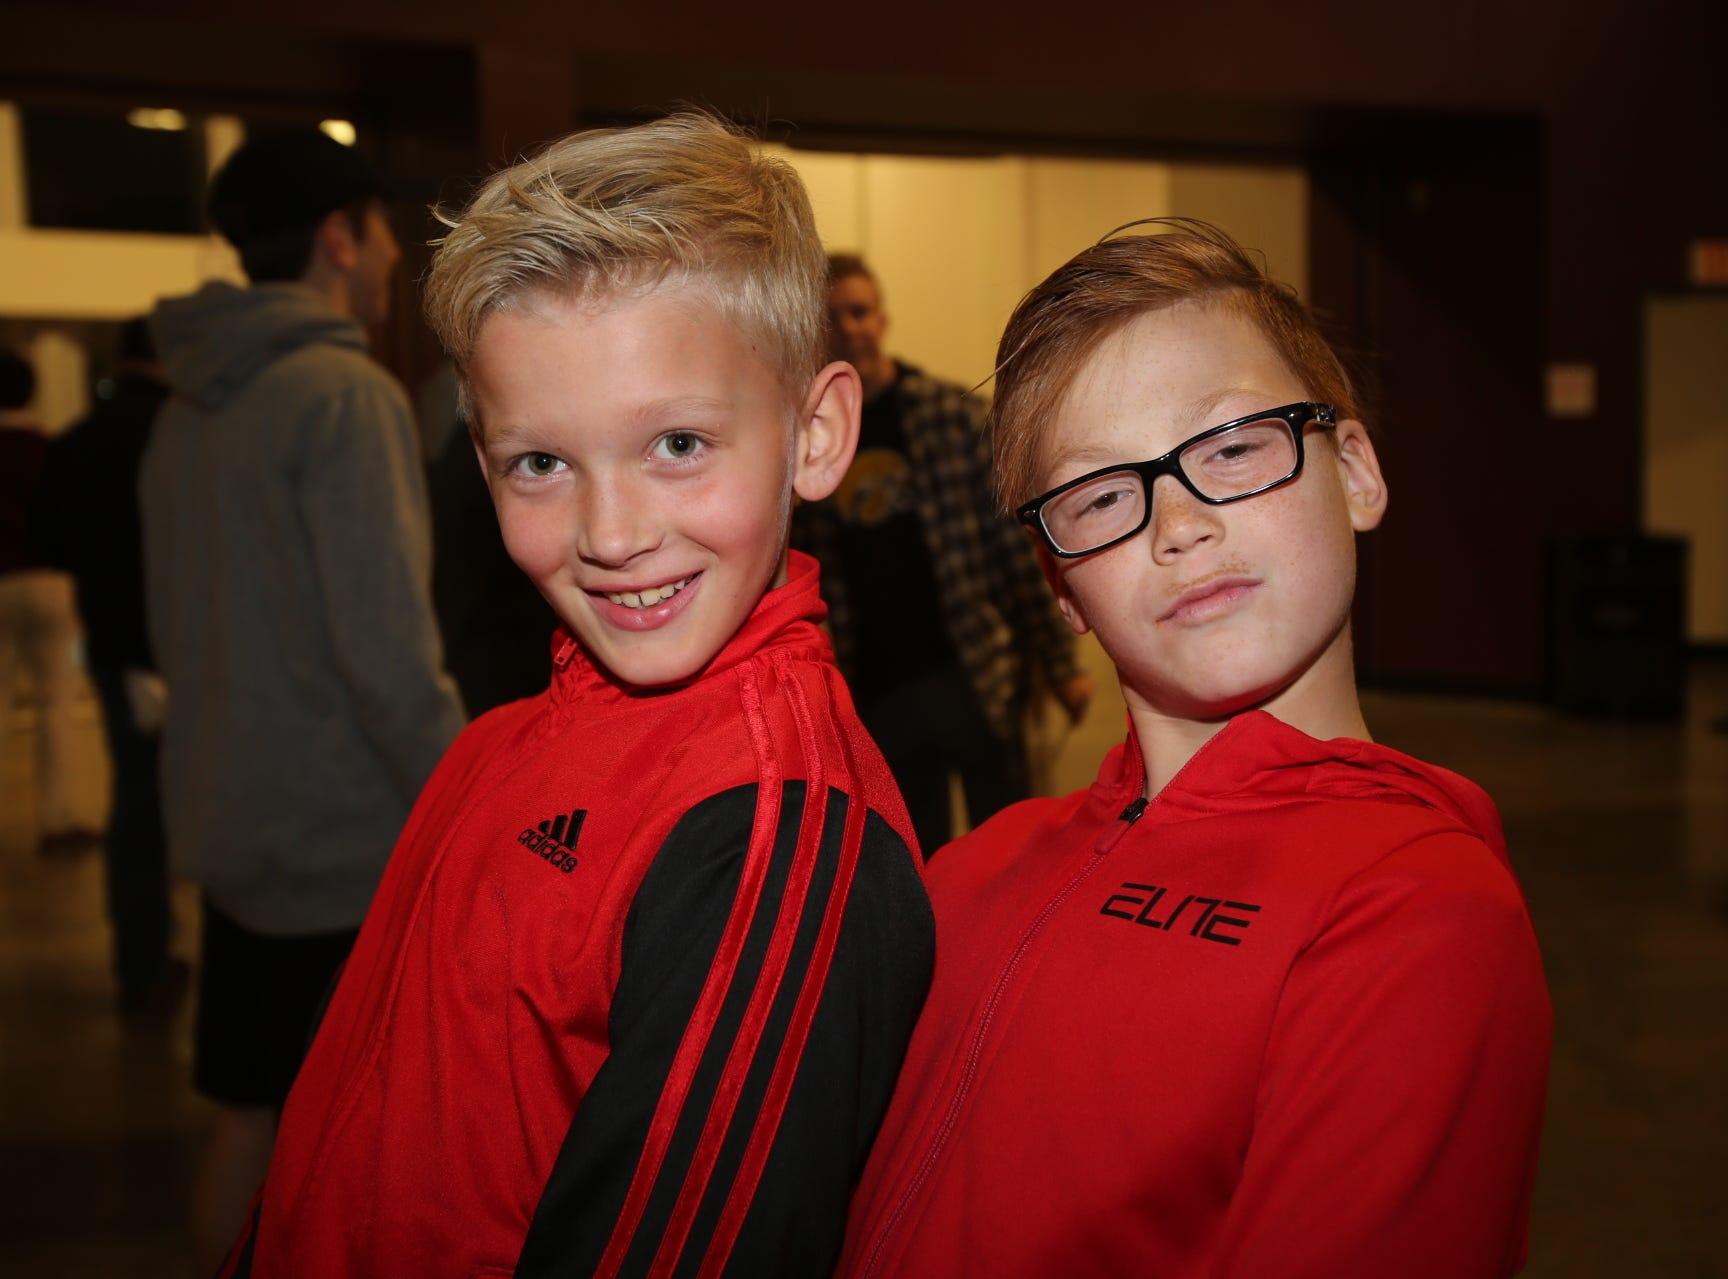 Kalen and Thomas